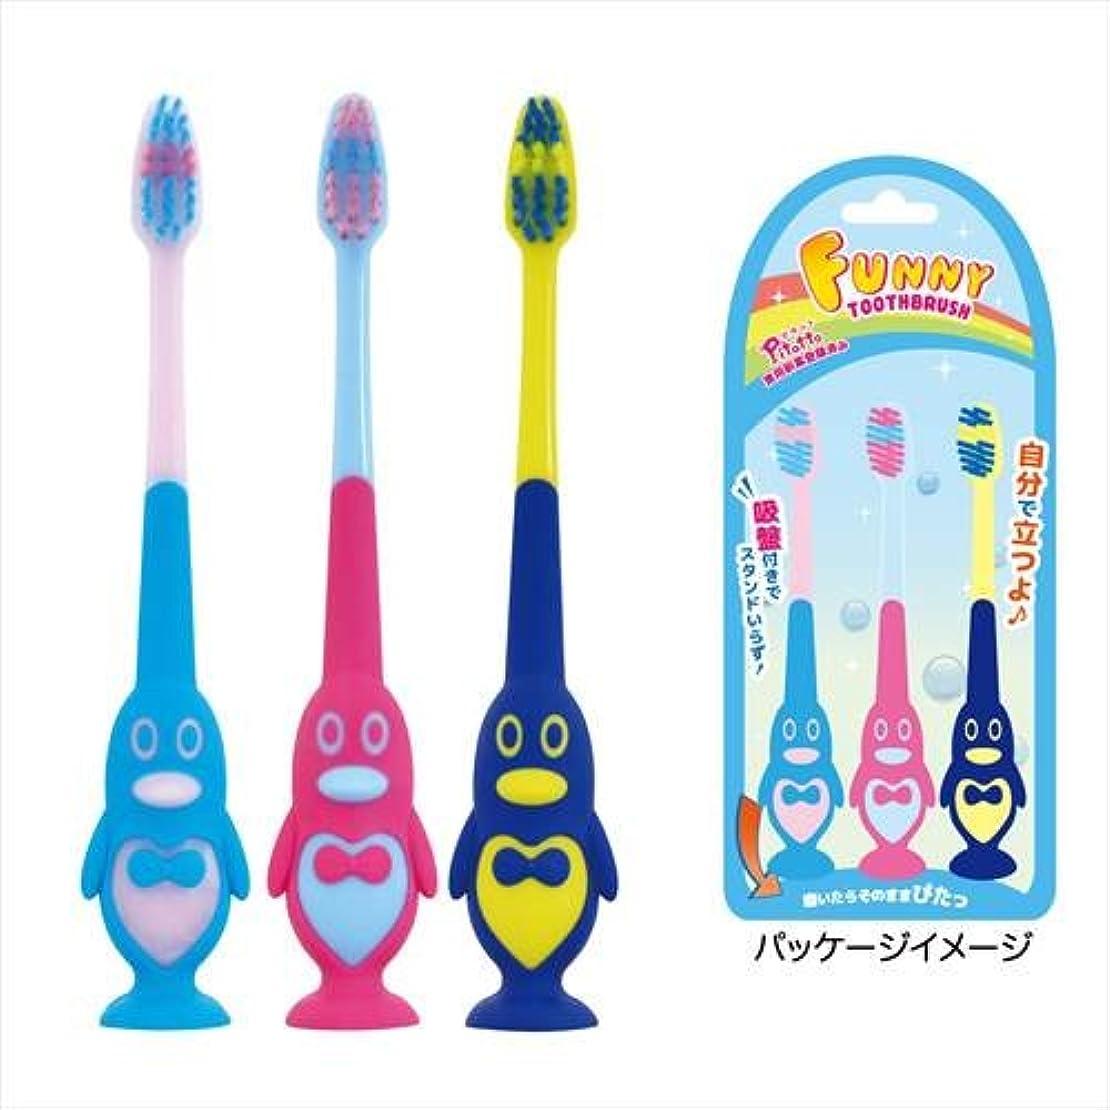 運搬仲人在庫[歯ブラシ] 吸盤付き歯ブラシ 3本セット/ペンギン ユーカンパニー かわいい 洗面用具 グッズ 通販